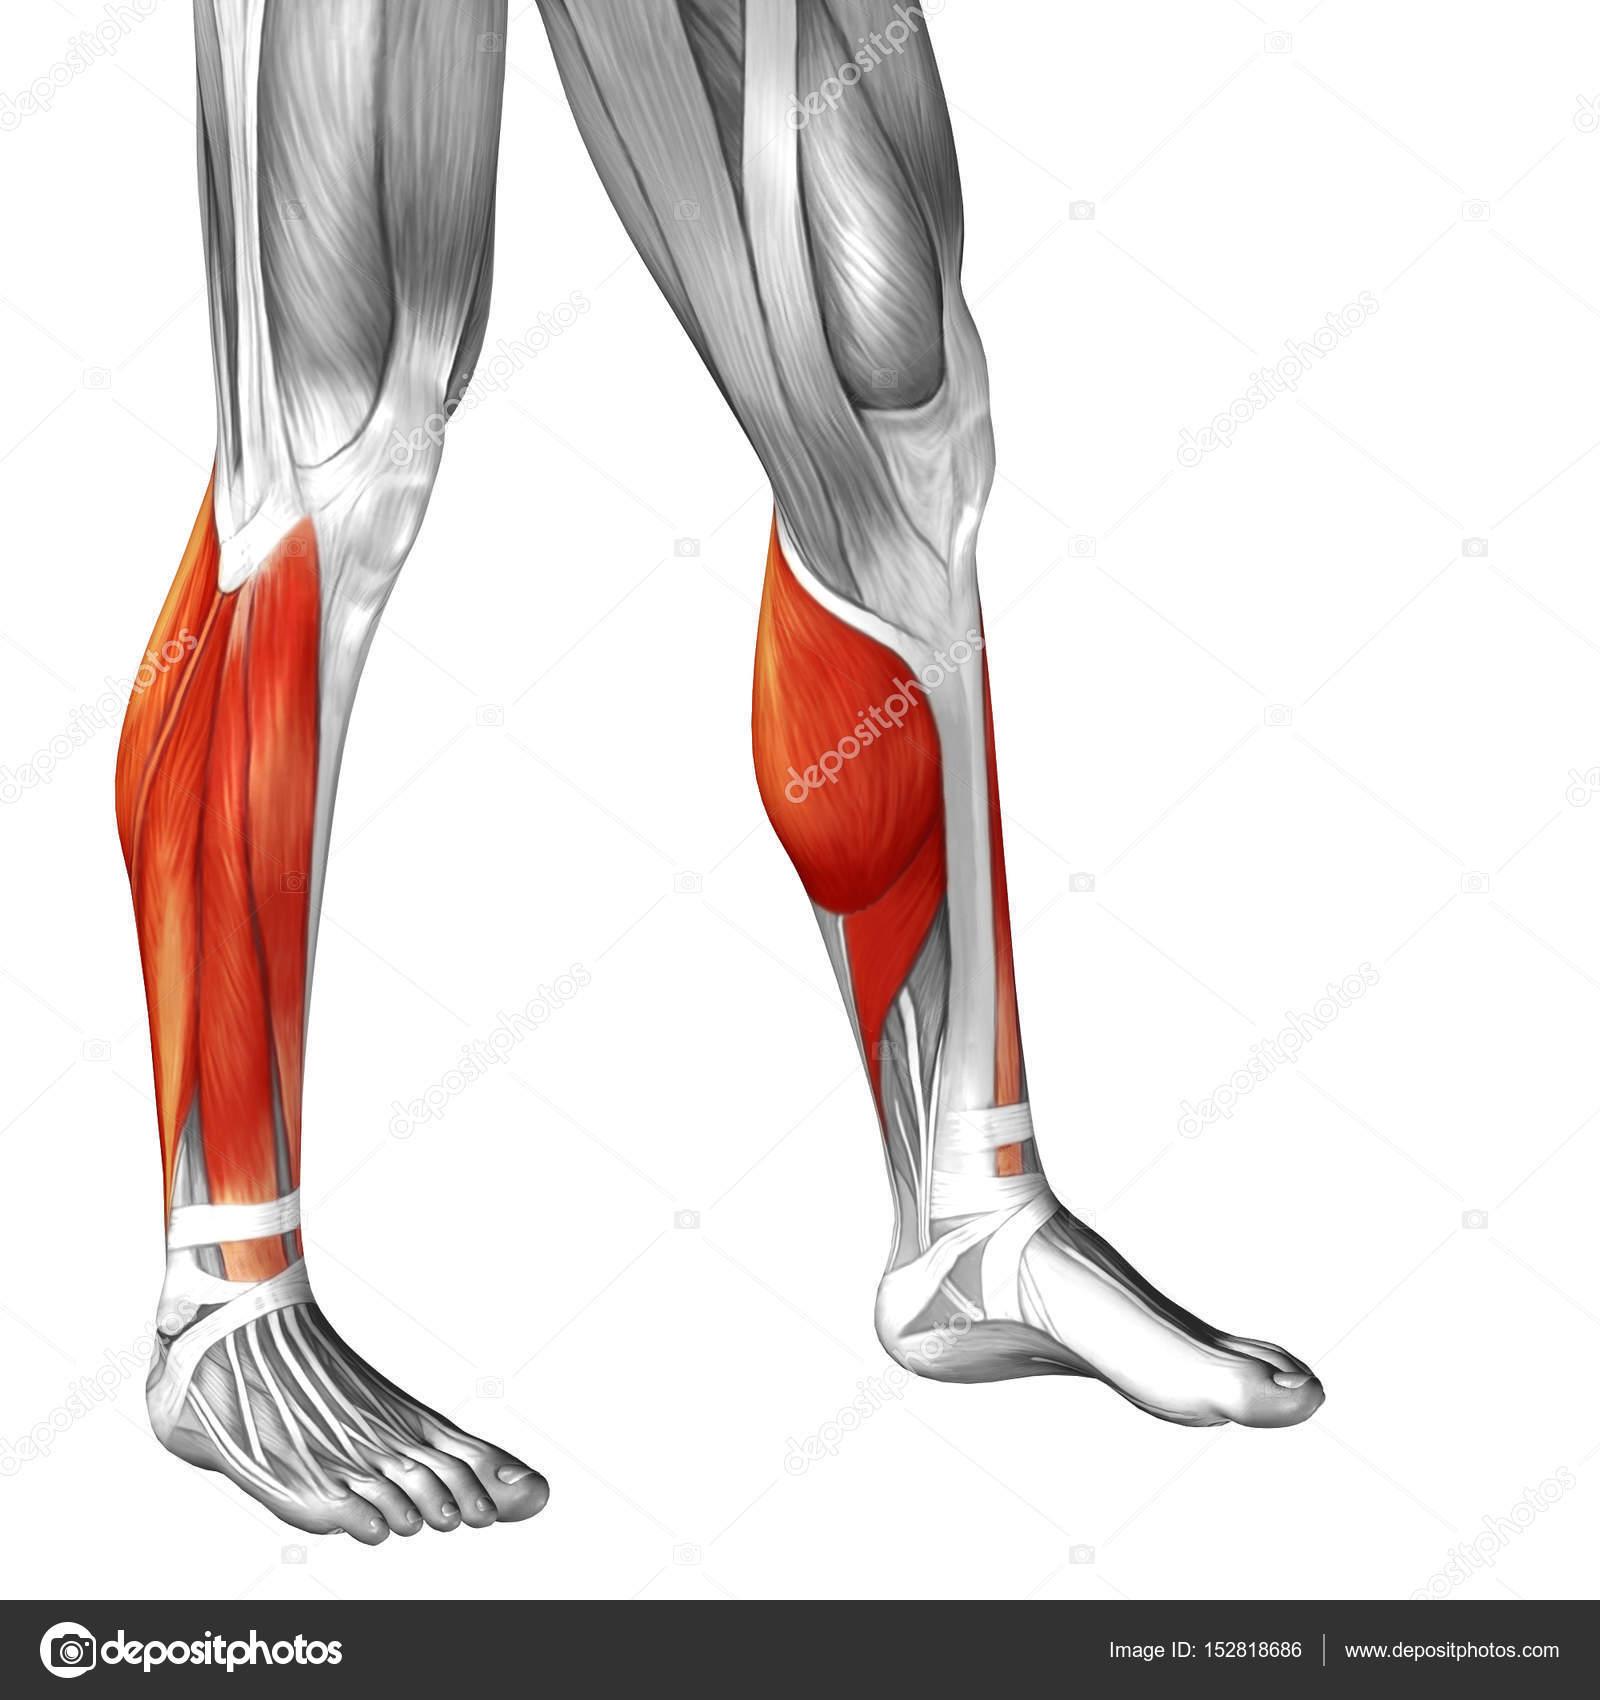 Anatomie der unteren Beine — Stockfoto © design36 #152818686